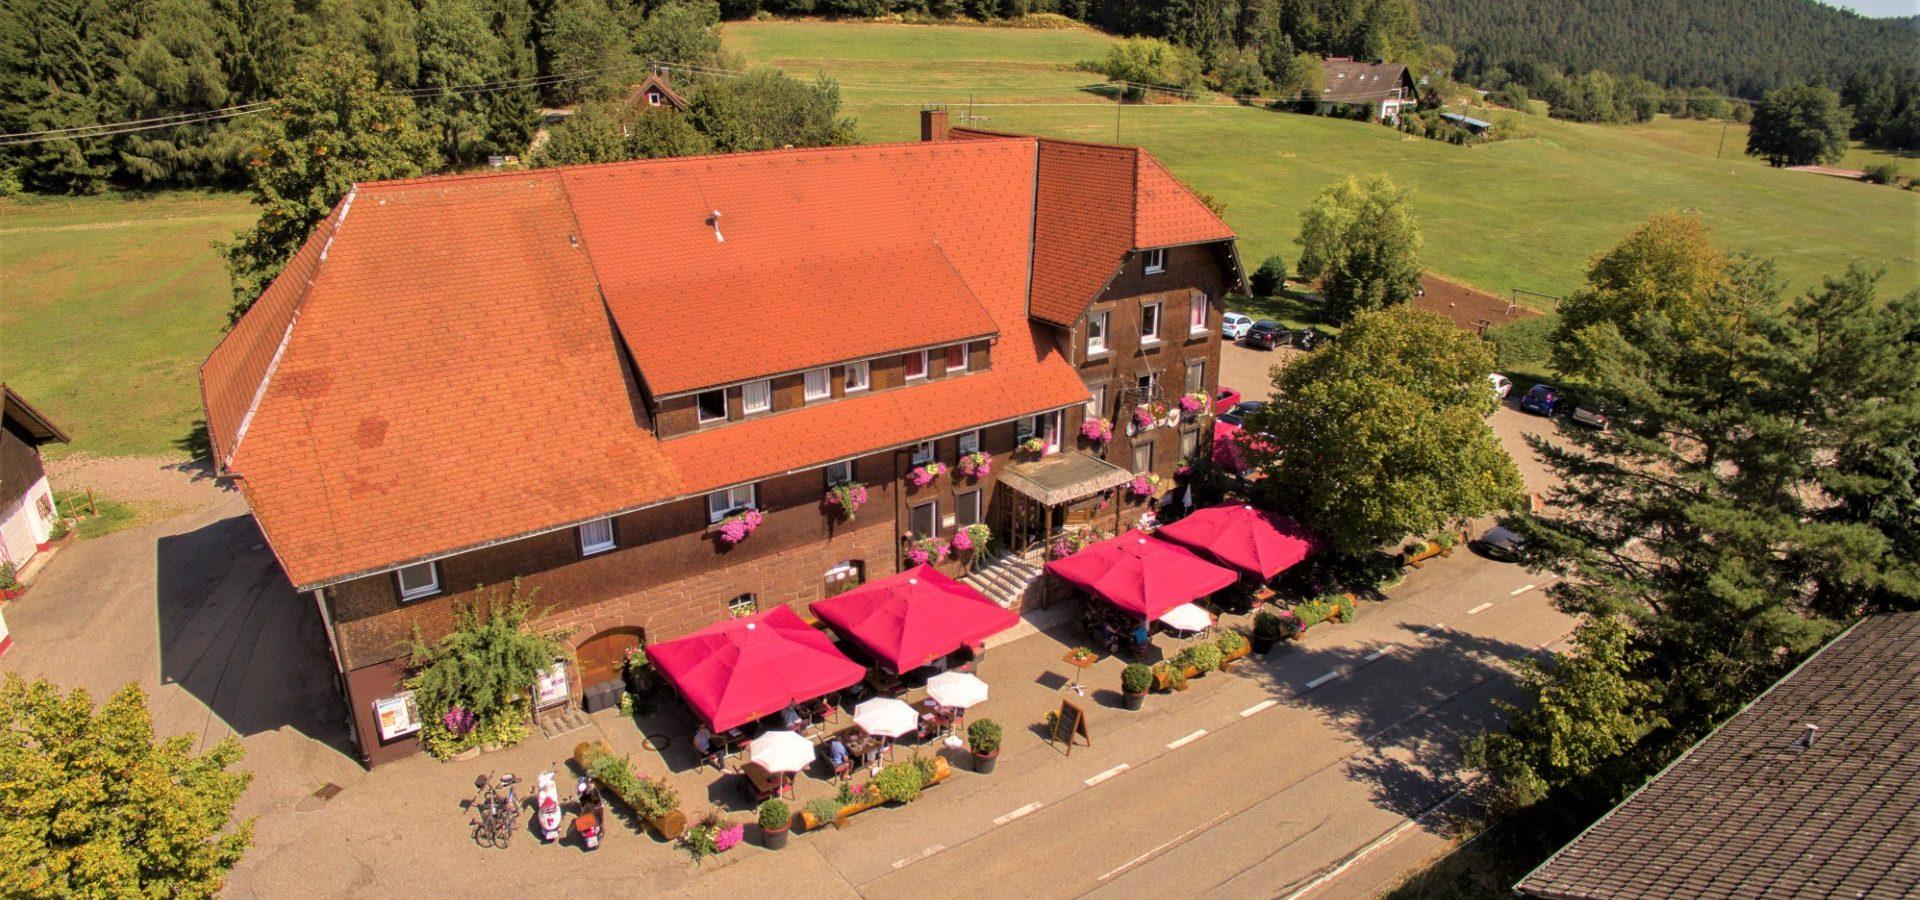 Gut Hotel Adler Fohrenbühl im Schwarzwald, zwischen Hornberg (Hornberger Schießen) und Lauterbach-Schramberg.